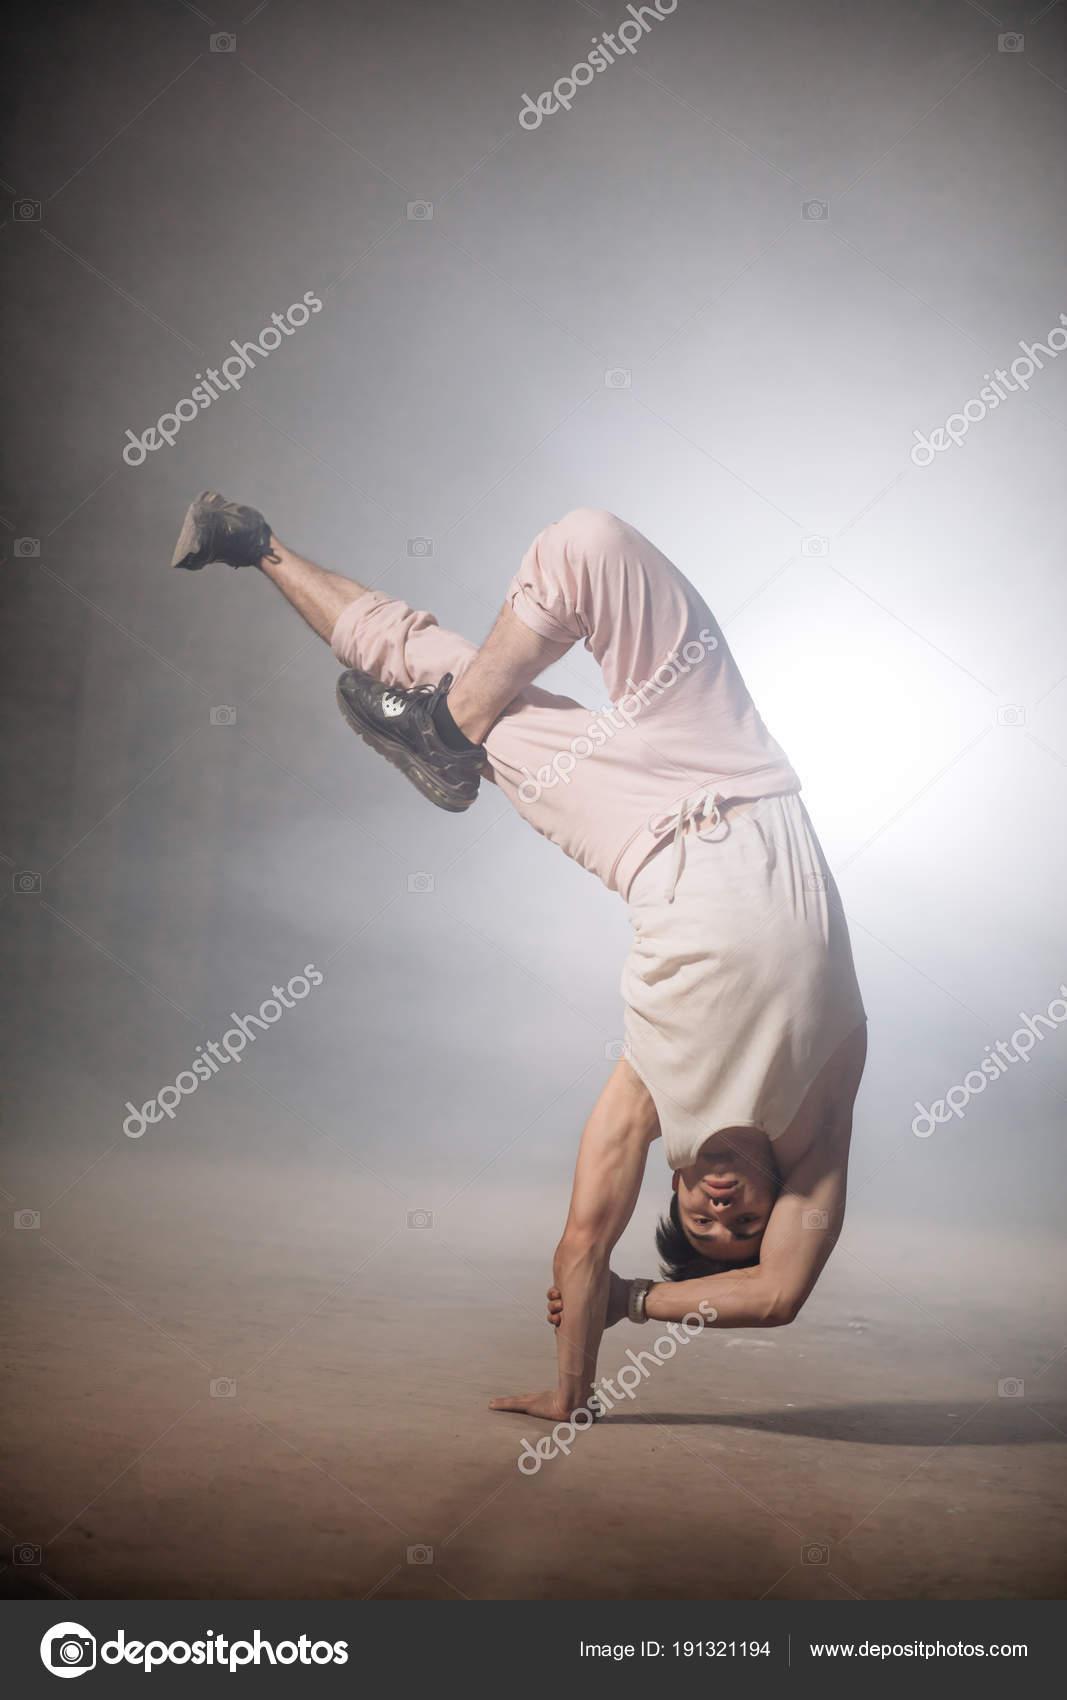 Mann mit starken Muskeln an Armen tun auf den Kopf nach unten stunt ...